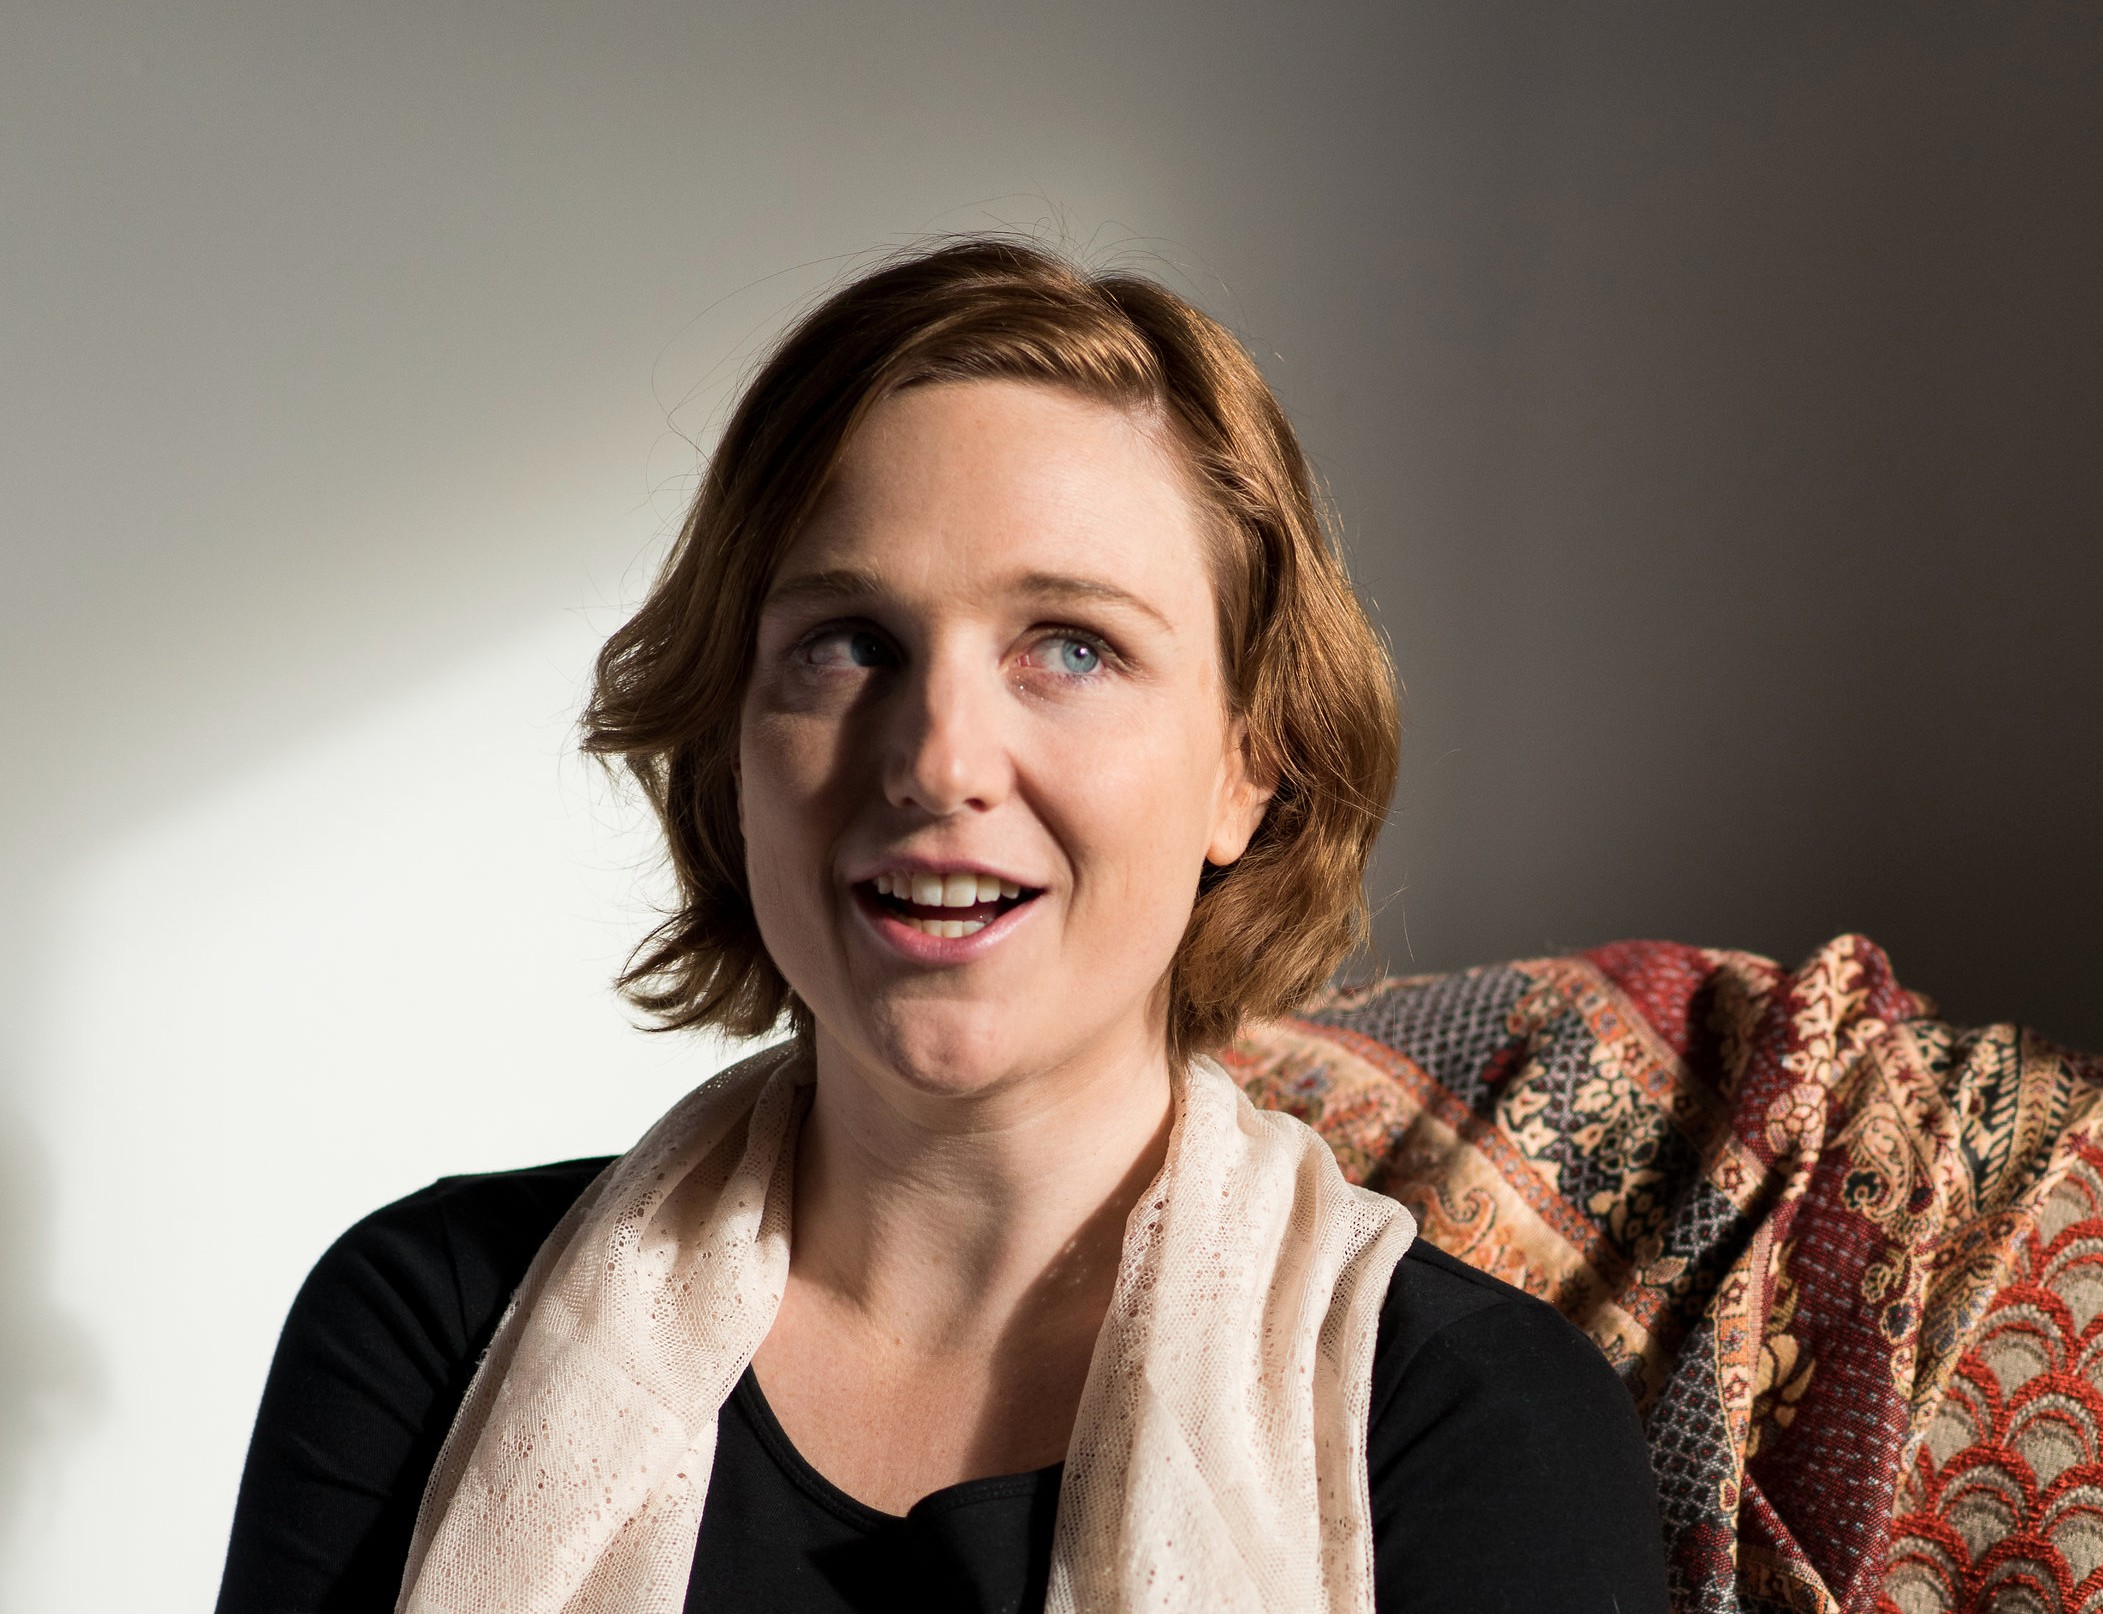 Meg Berryman